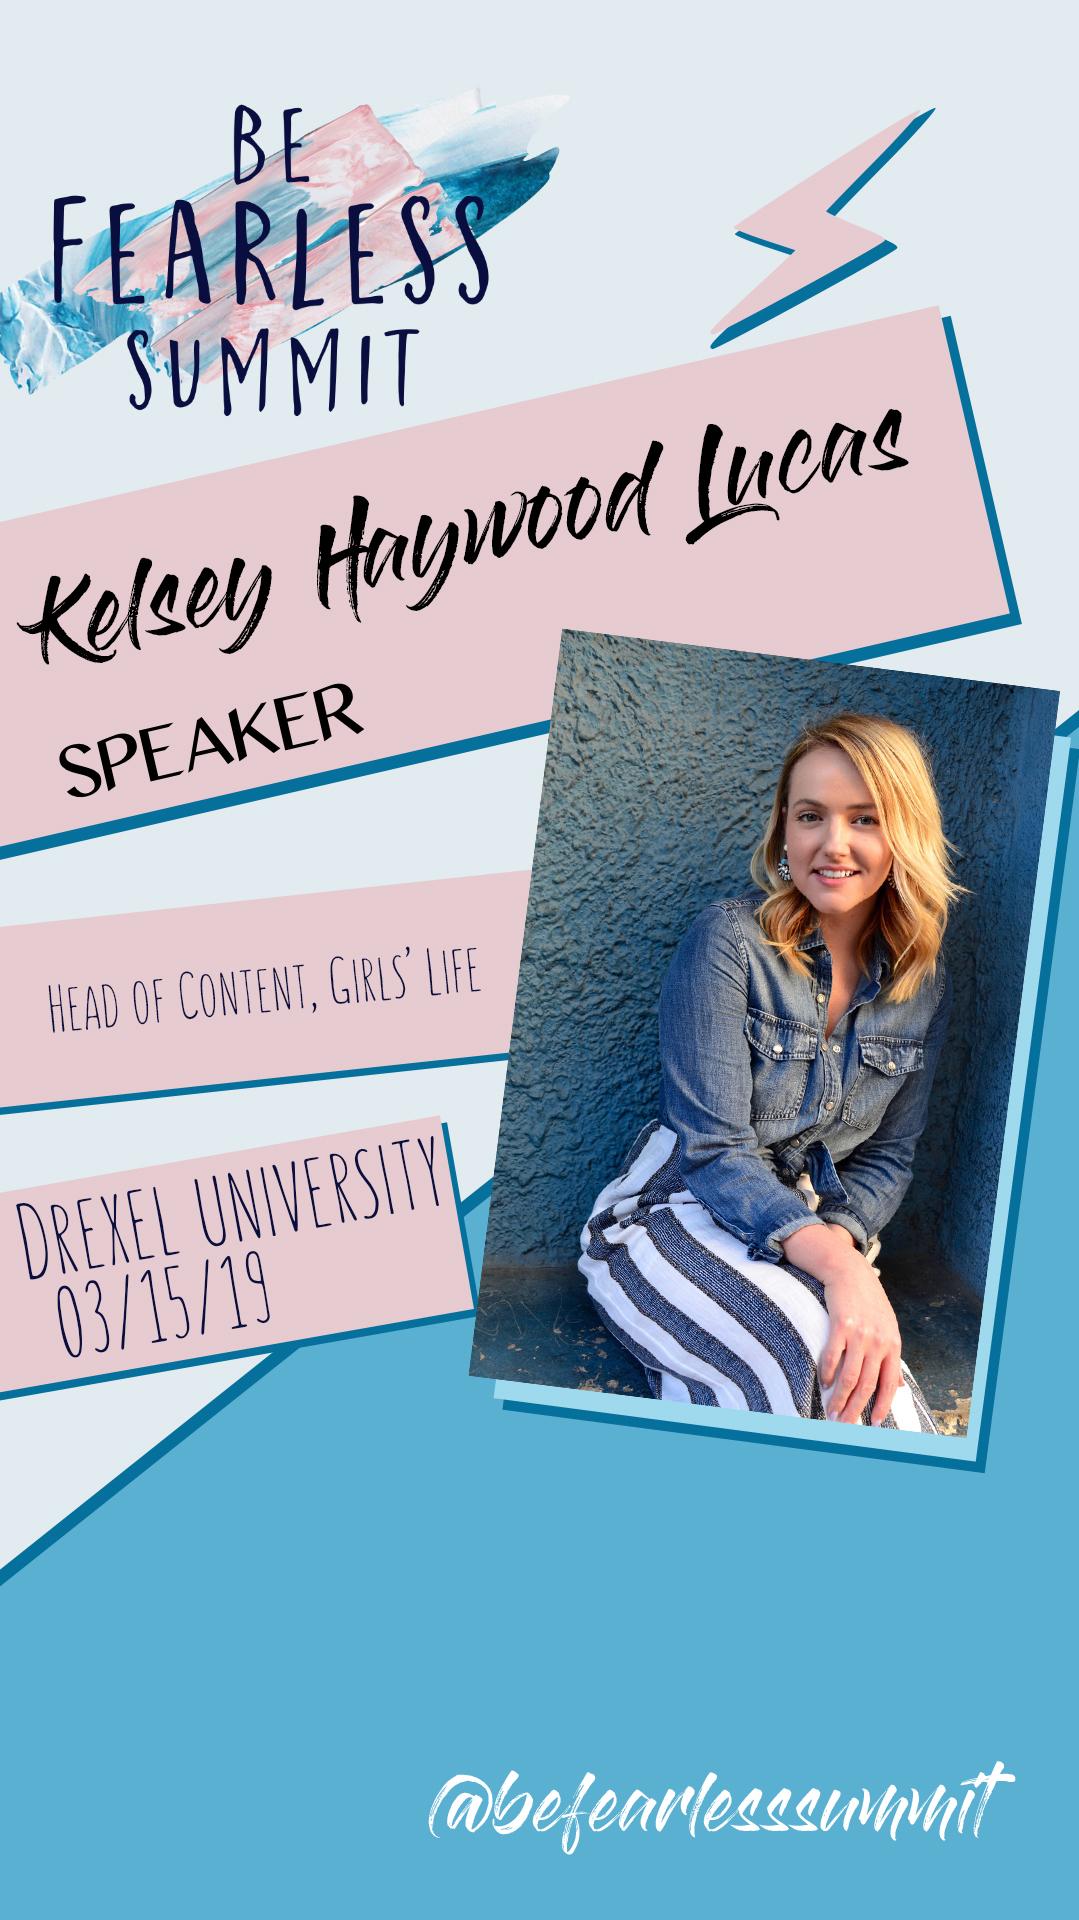 Kelsey Haywood Lucas_new (2).jpg